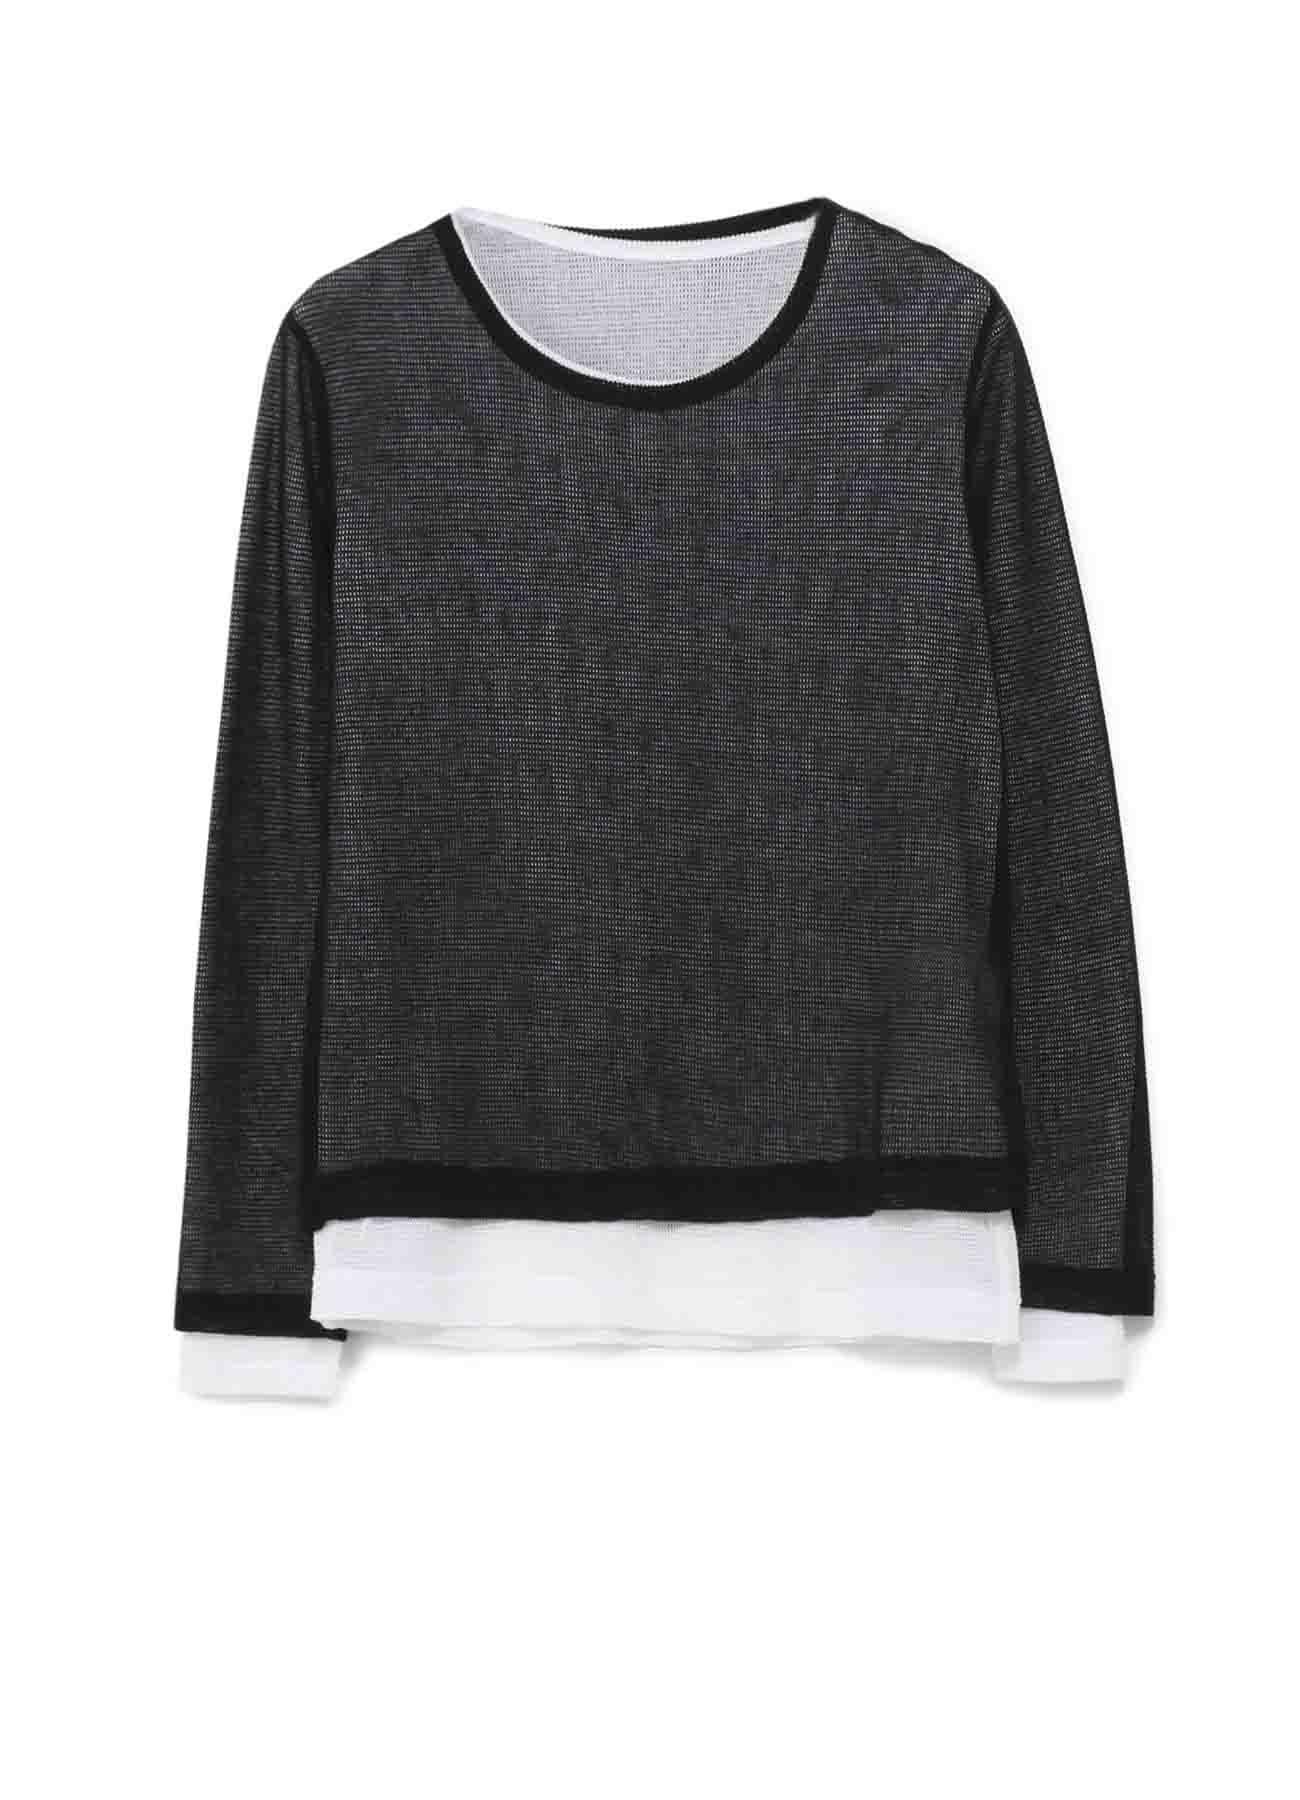 コットン強撚メッシュ天竺 丸首長袖二重Tシャツ